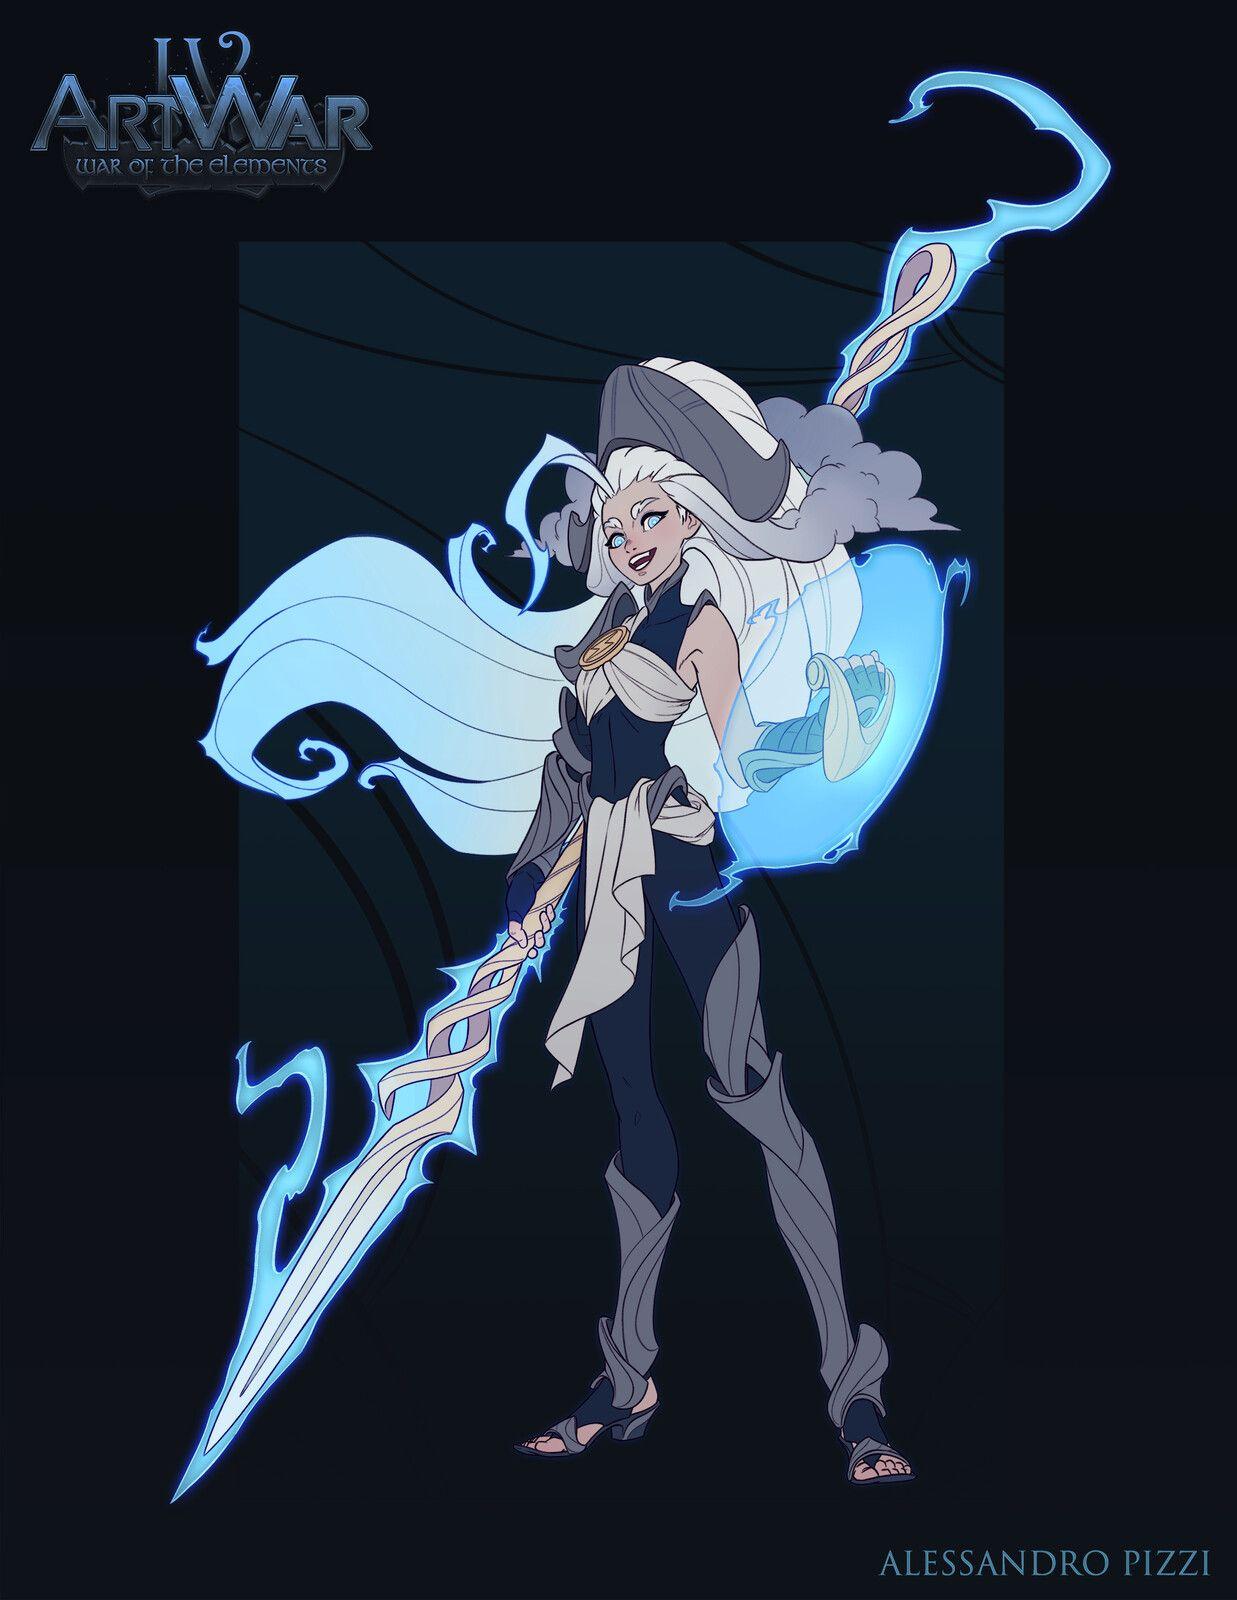 Lightning Girl Alessandro Pizzi On Artstation At Https Www Artstation Com Artwork K4vw3z Character Design Fantasy Character Design Character Art